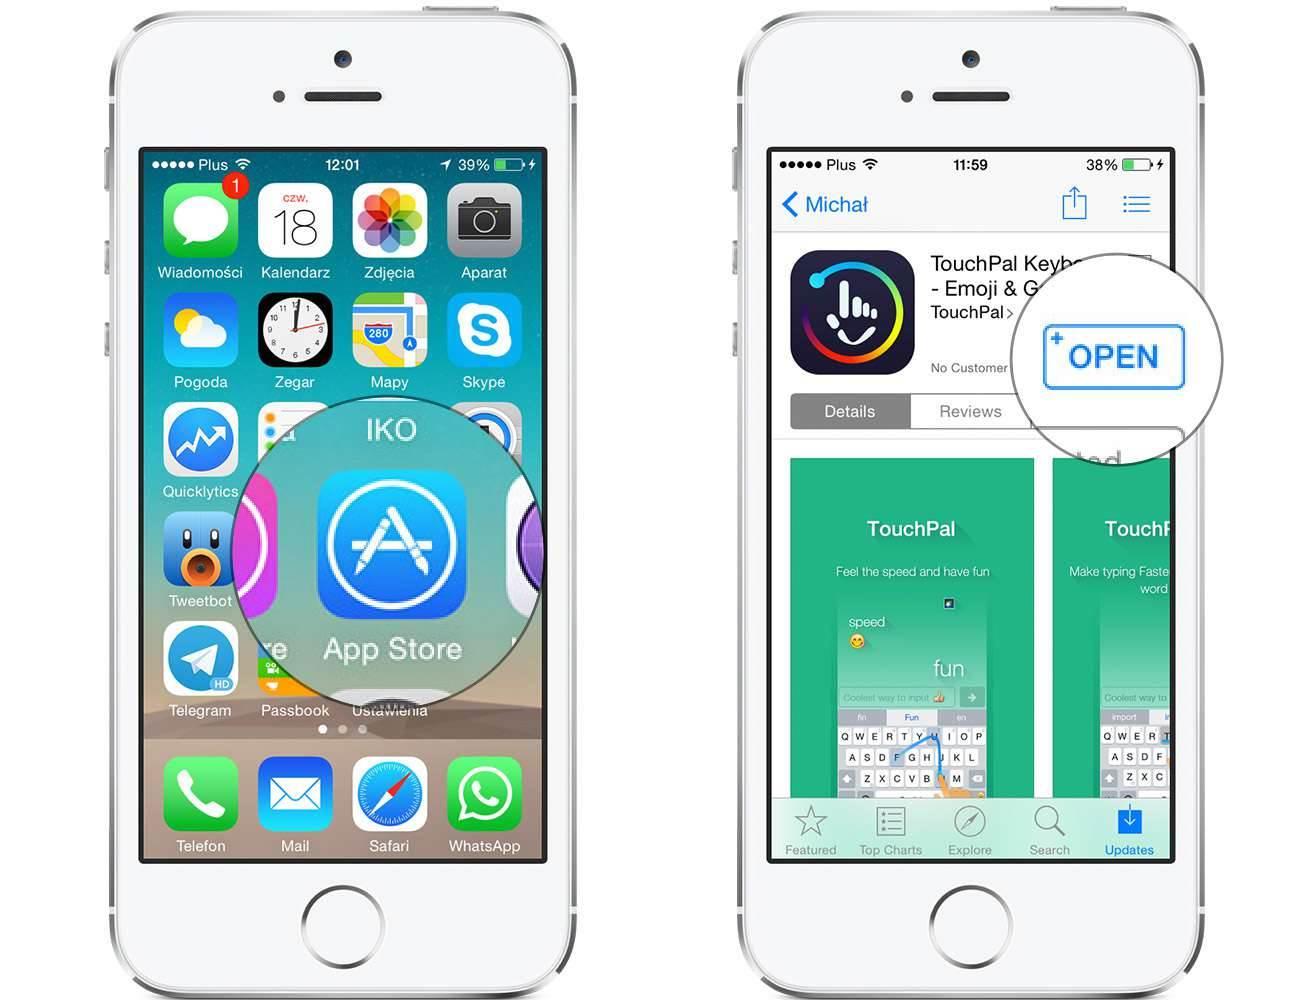 iOS 8 - jak zainstalować nową klawiaturę? poradniki, polecane TouchPal, Jak zainstalować klawiaturę na iOS 8, jak wgrać nową klawiaturę na iOS 8, iPhone, iOS 8 i instalacja nowej klawiatury, iOS 8, iOS, instalacja klawiatury na iOS 8, Apple  Jak zapewne większość z Was wie, finalna wersja iOS 8, która pojawiła się w dniu wczorajszym pozwala na zmianę domyślnej klawiatury. Poniżej opisze Wam w jaki sposób instalujemy nową klawiaturę na iOS 8. Klaw